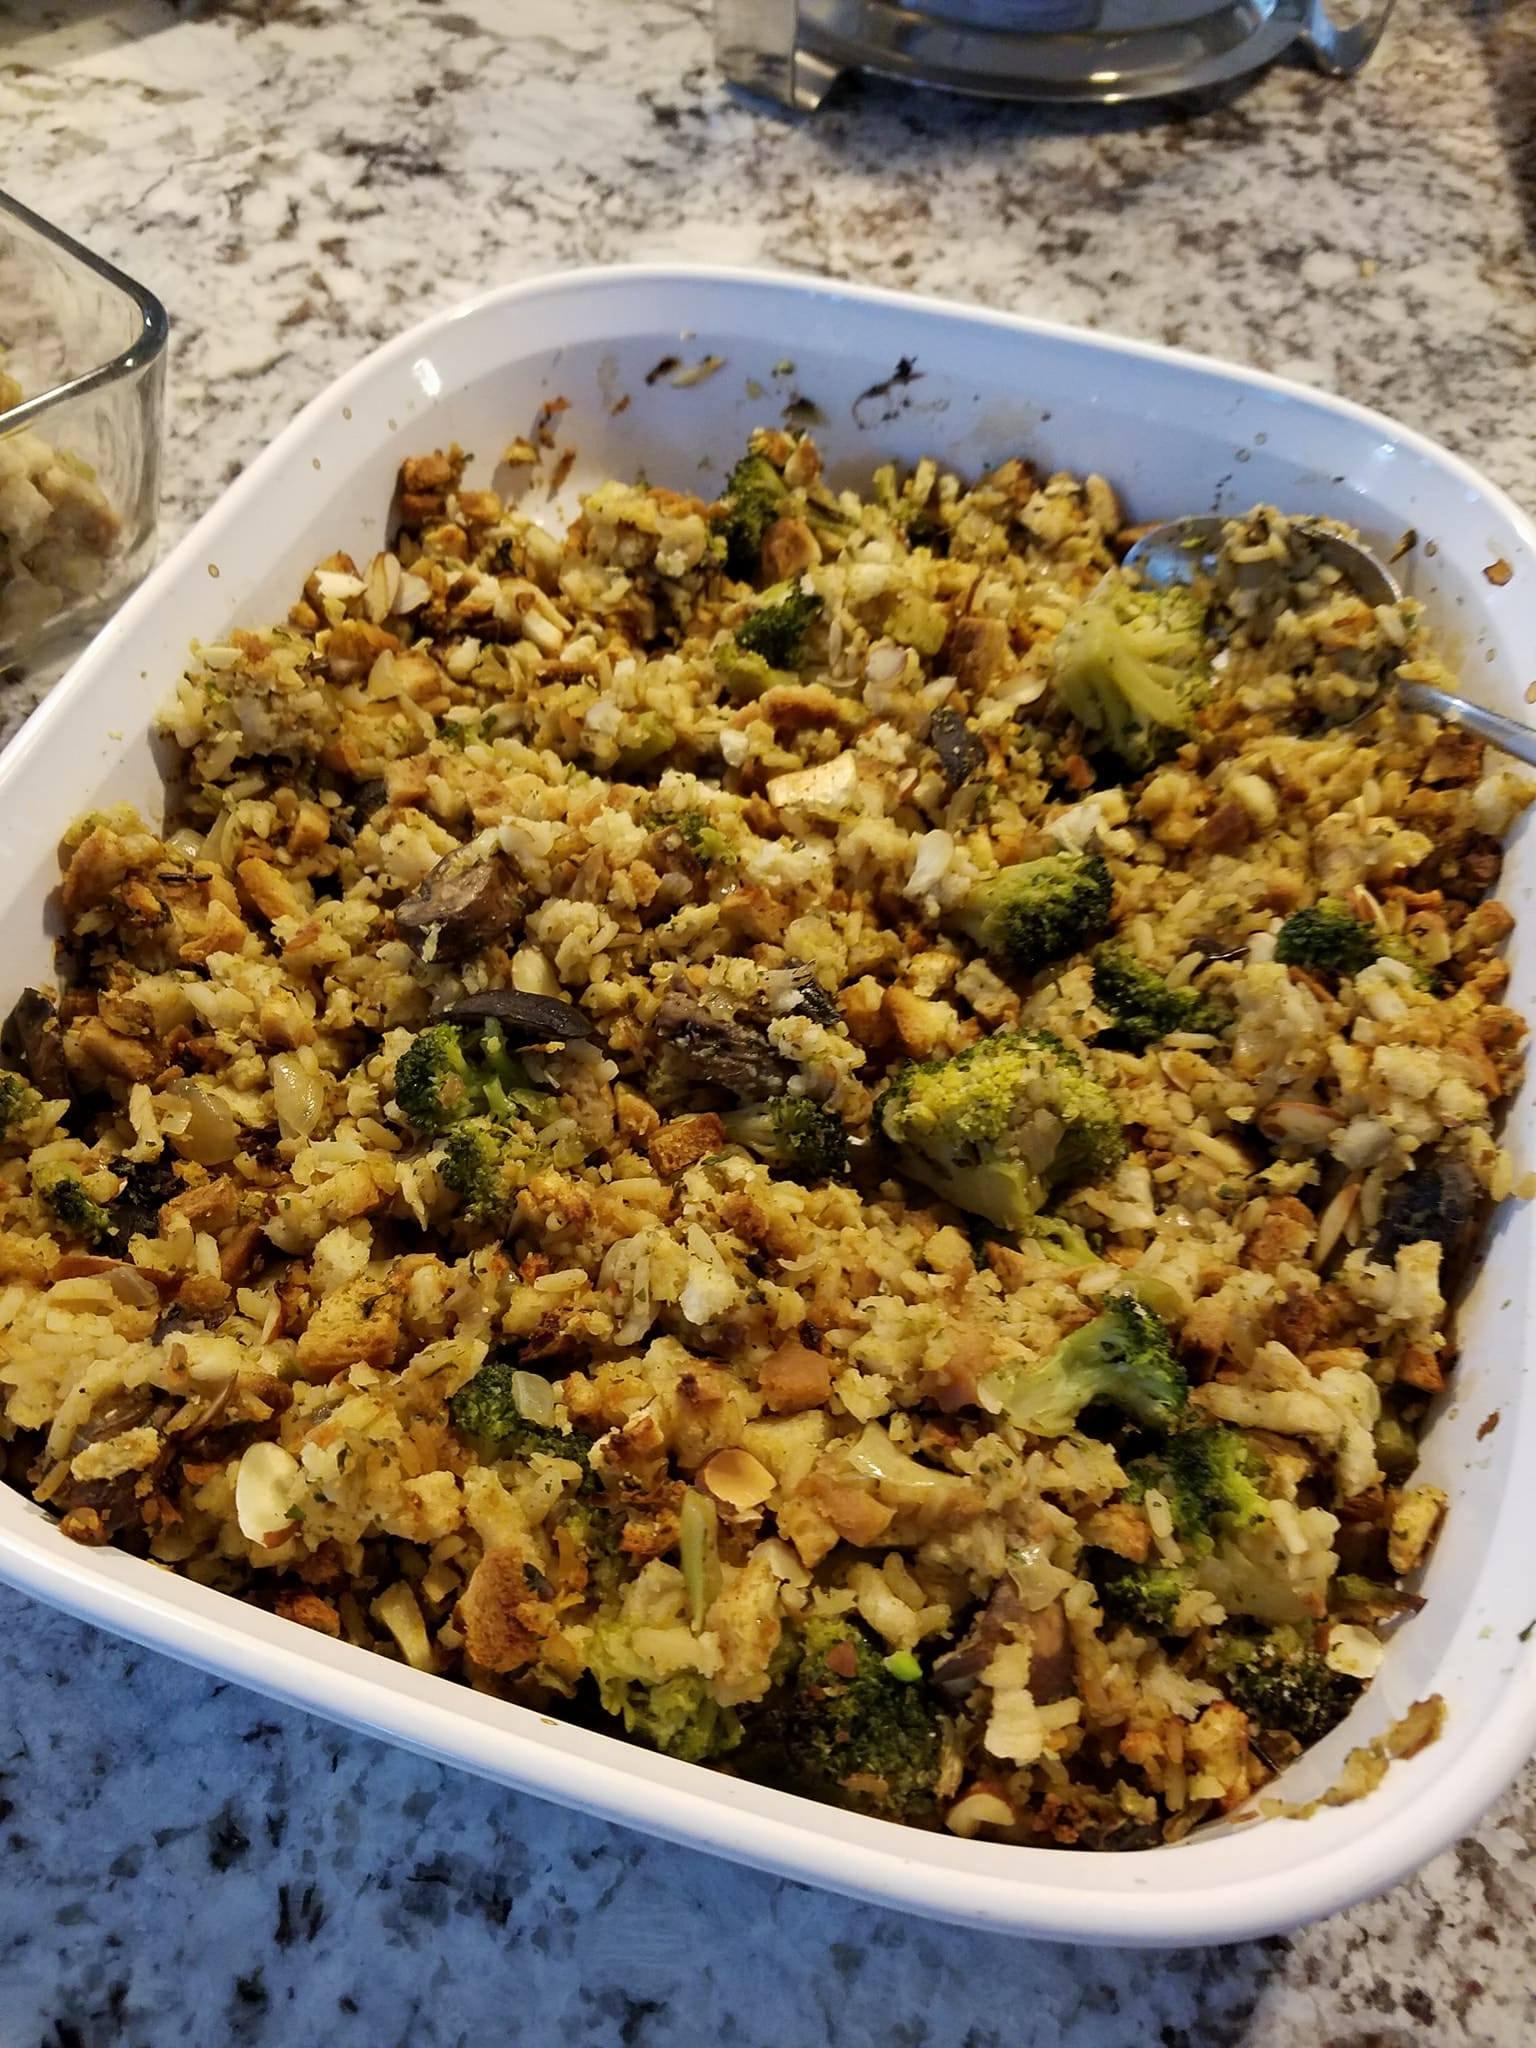 Leslie's Broccoli, Wild Rice, and Mushroom Stuffing Leslie Eickhoff-Davis